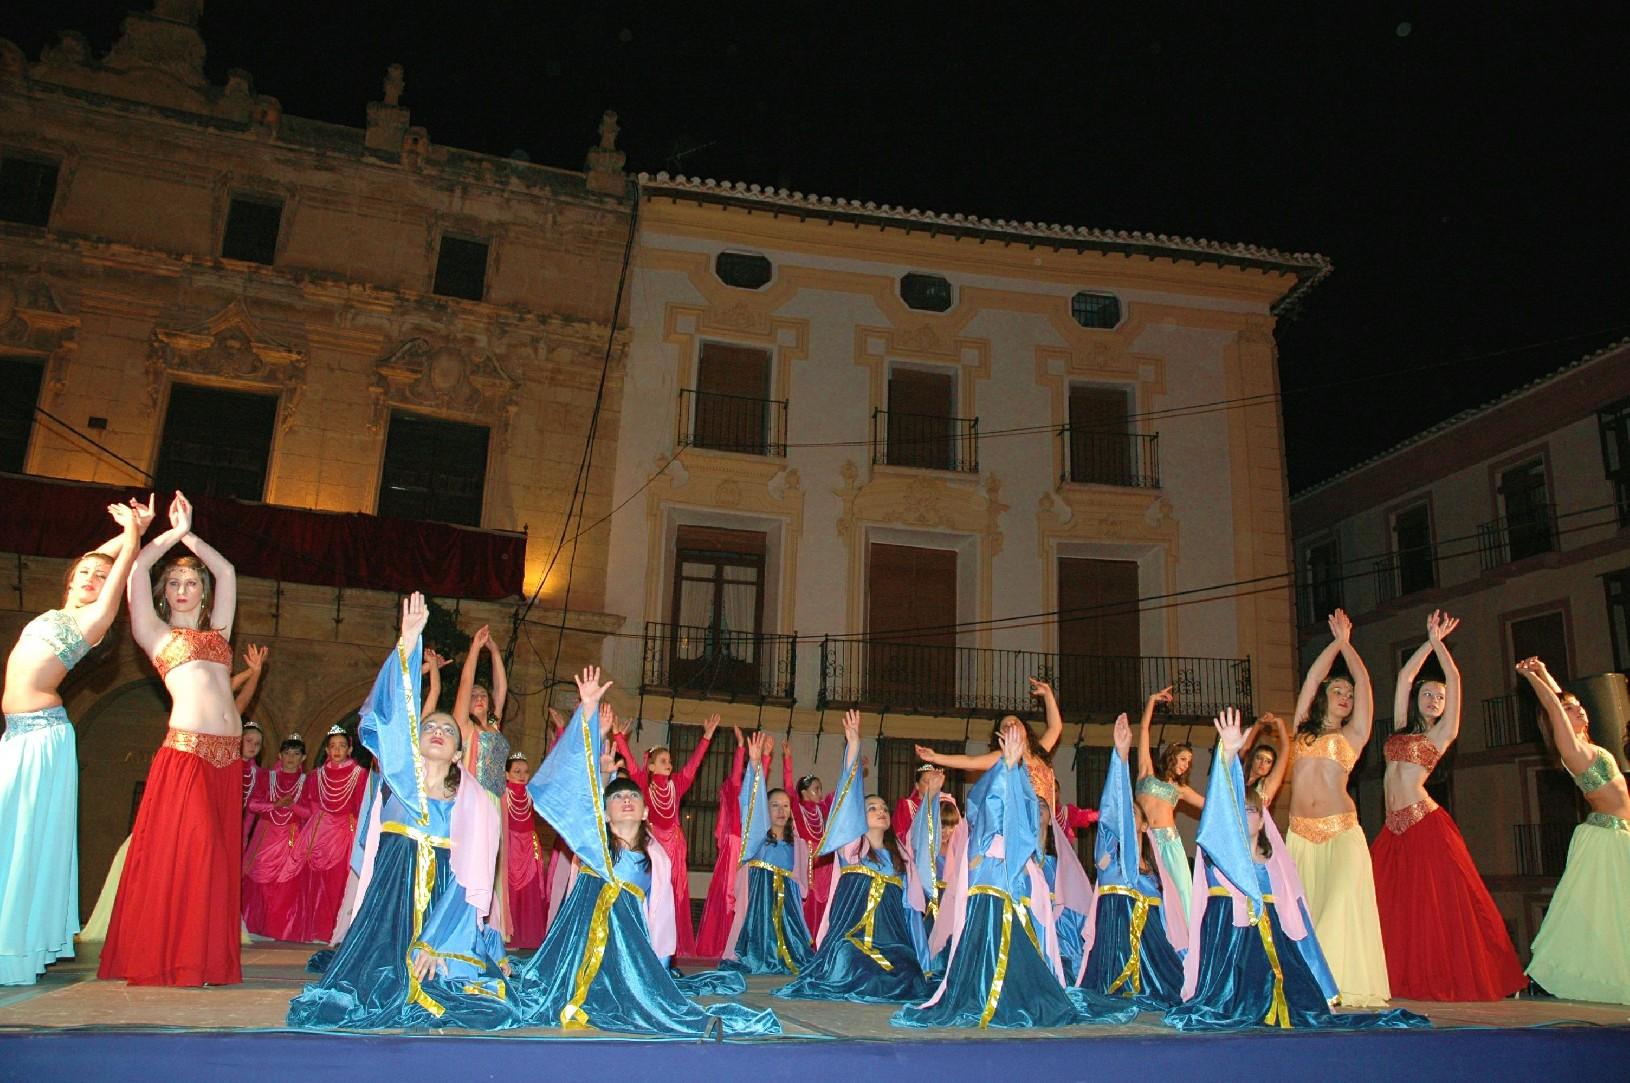 60 Bailarinas De Nuria Periago Interpretaron El    Suspiro Del Moro